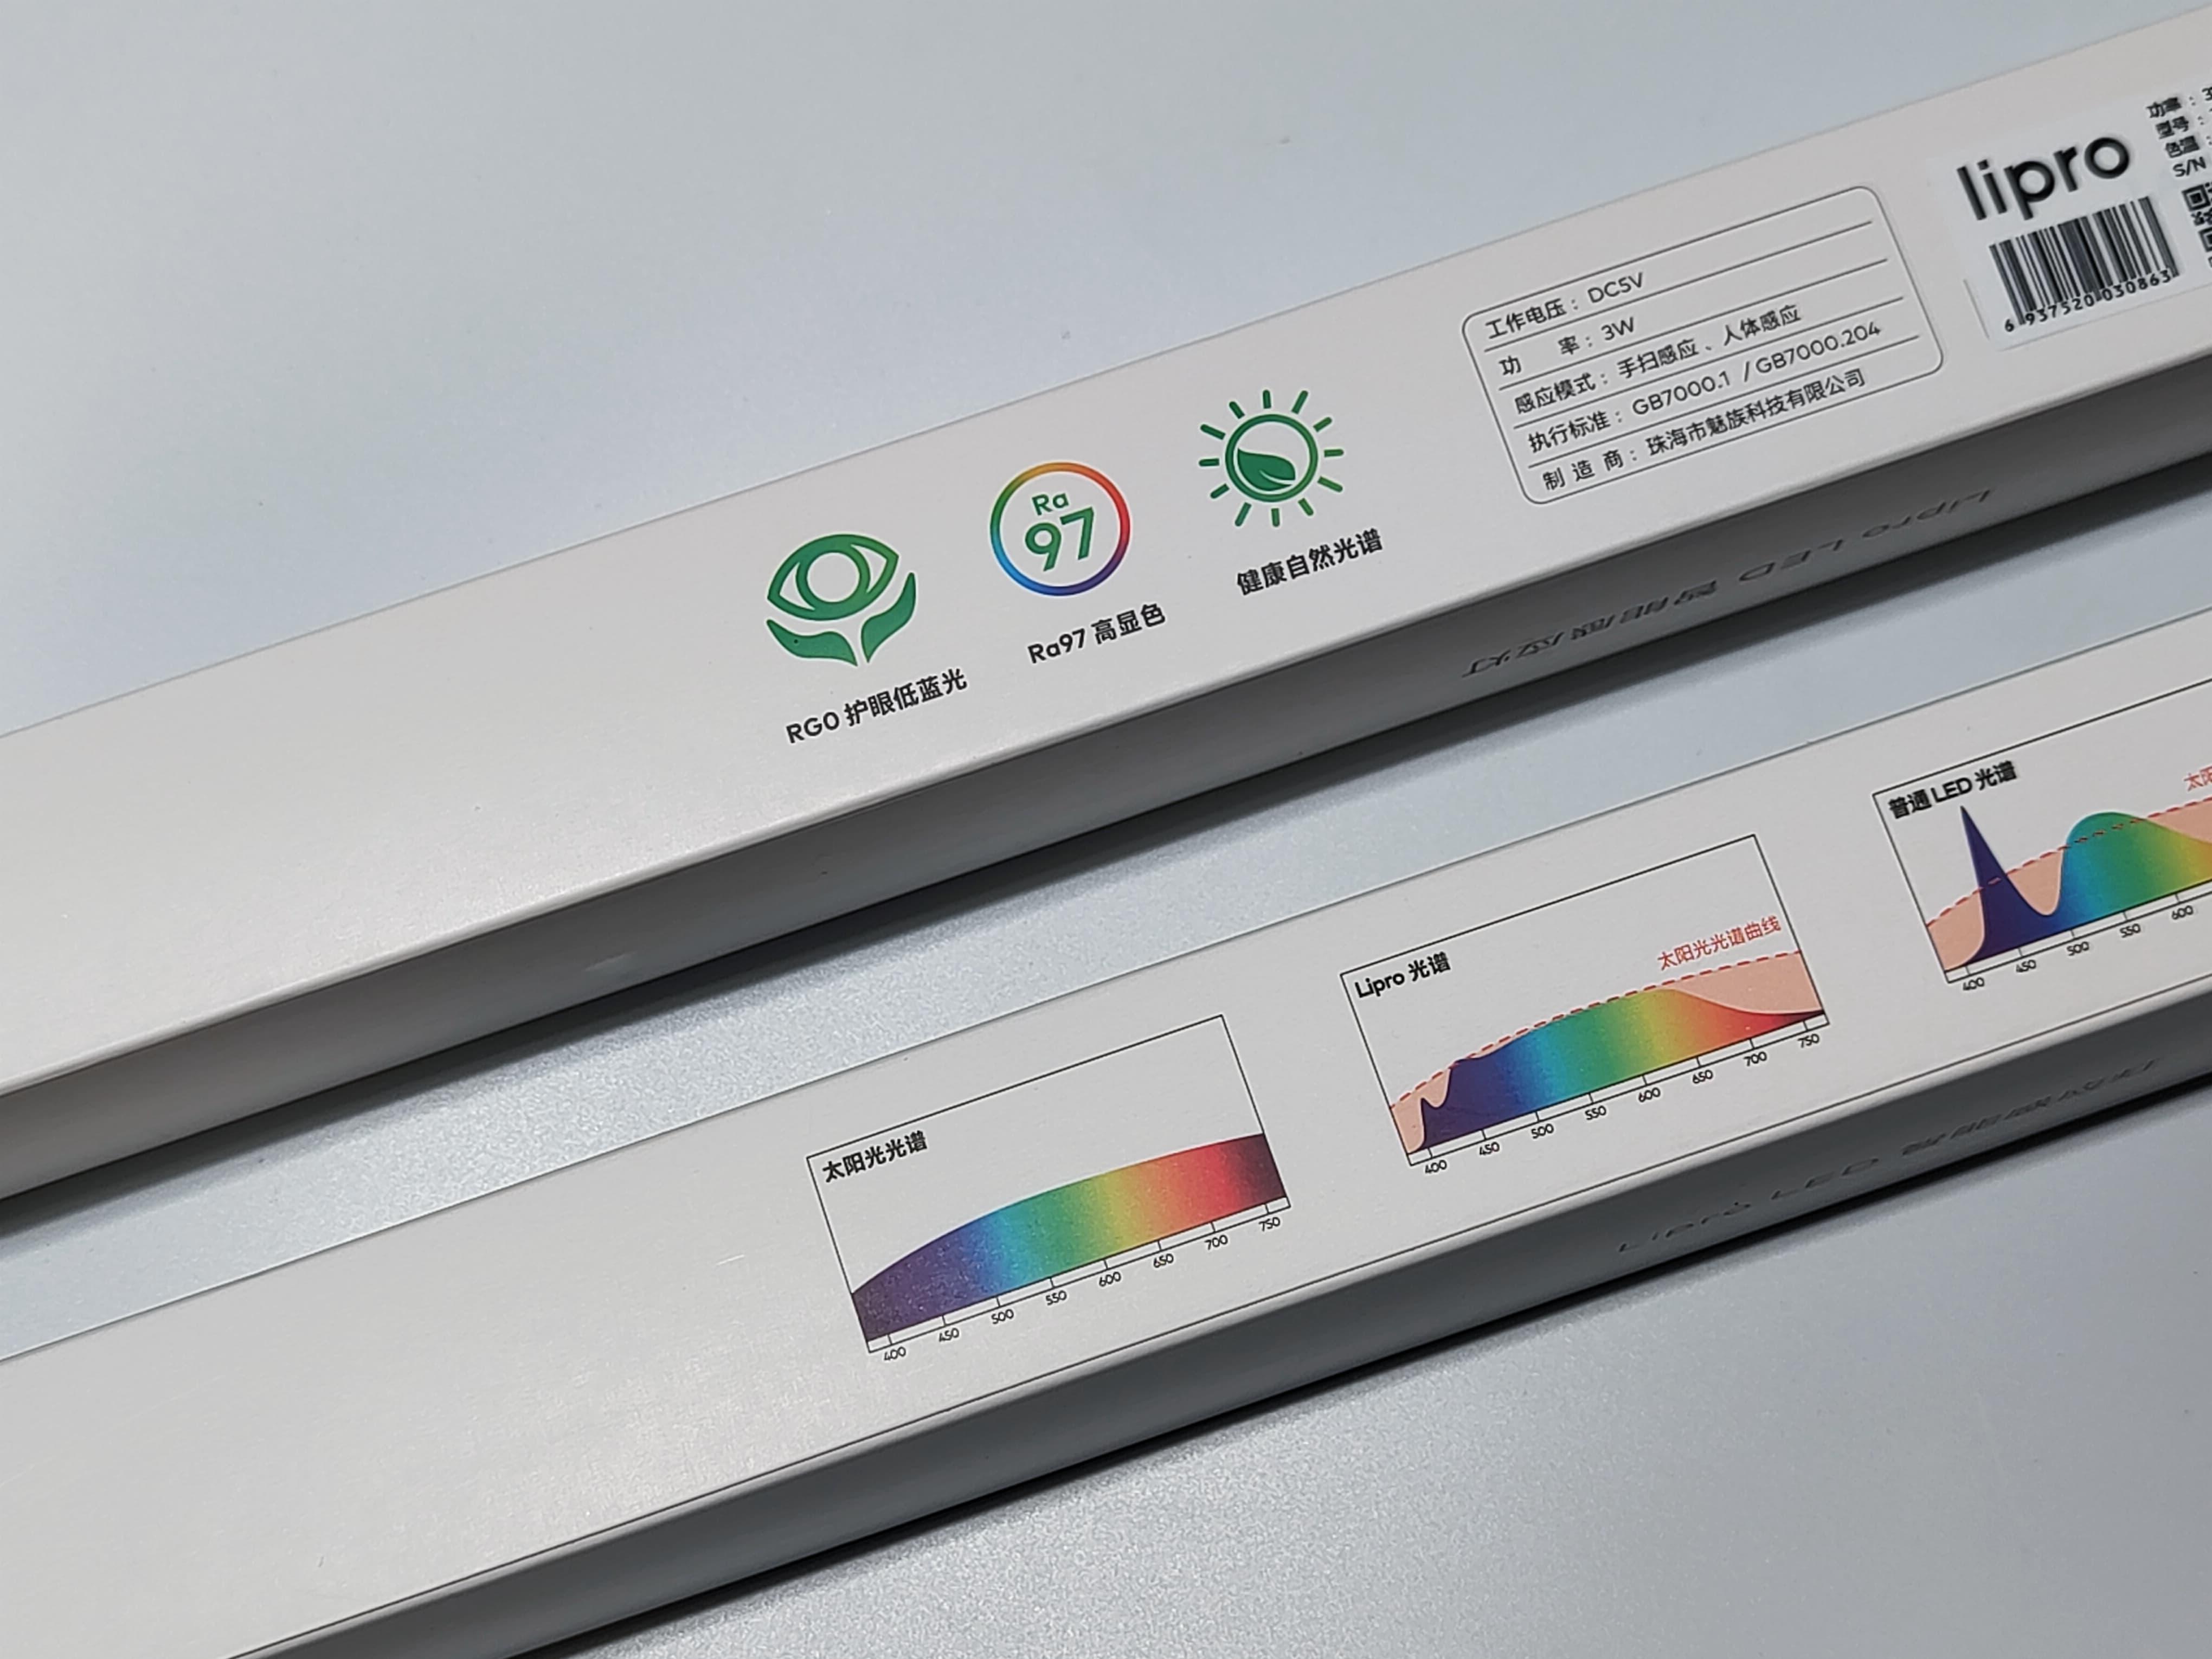 魅族Lipro LED感应灯体验:工艺续航双重升级